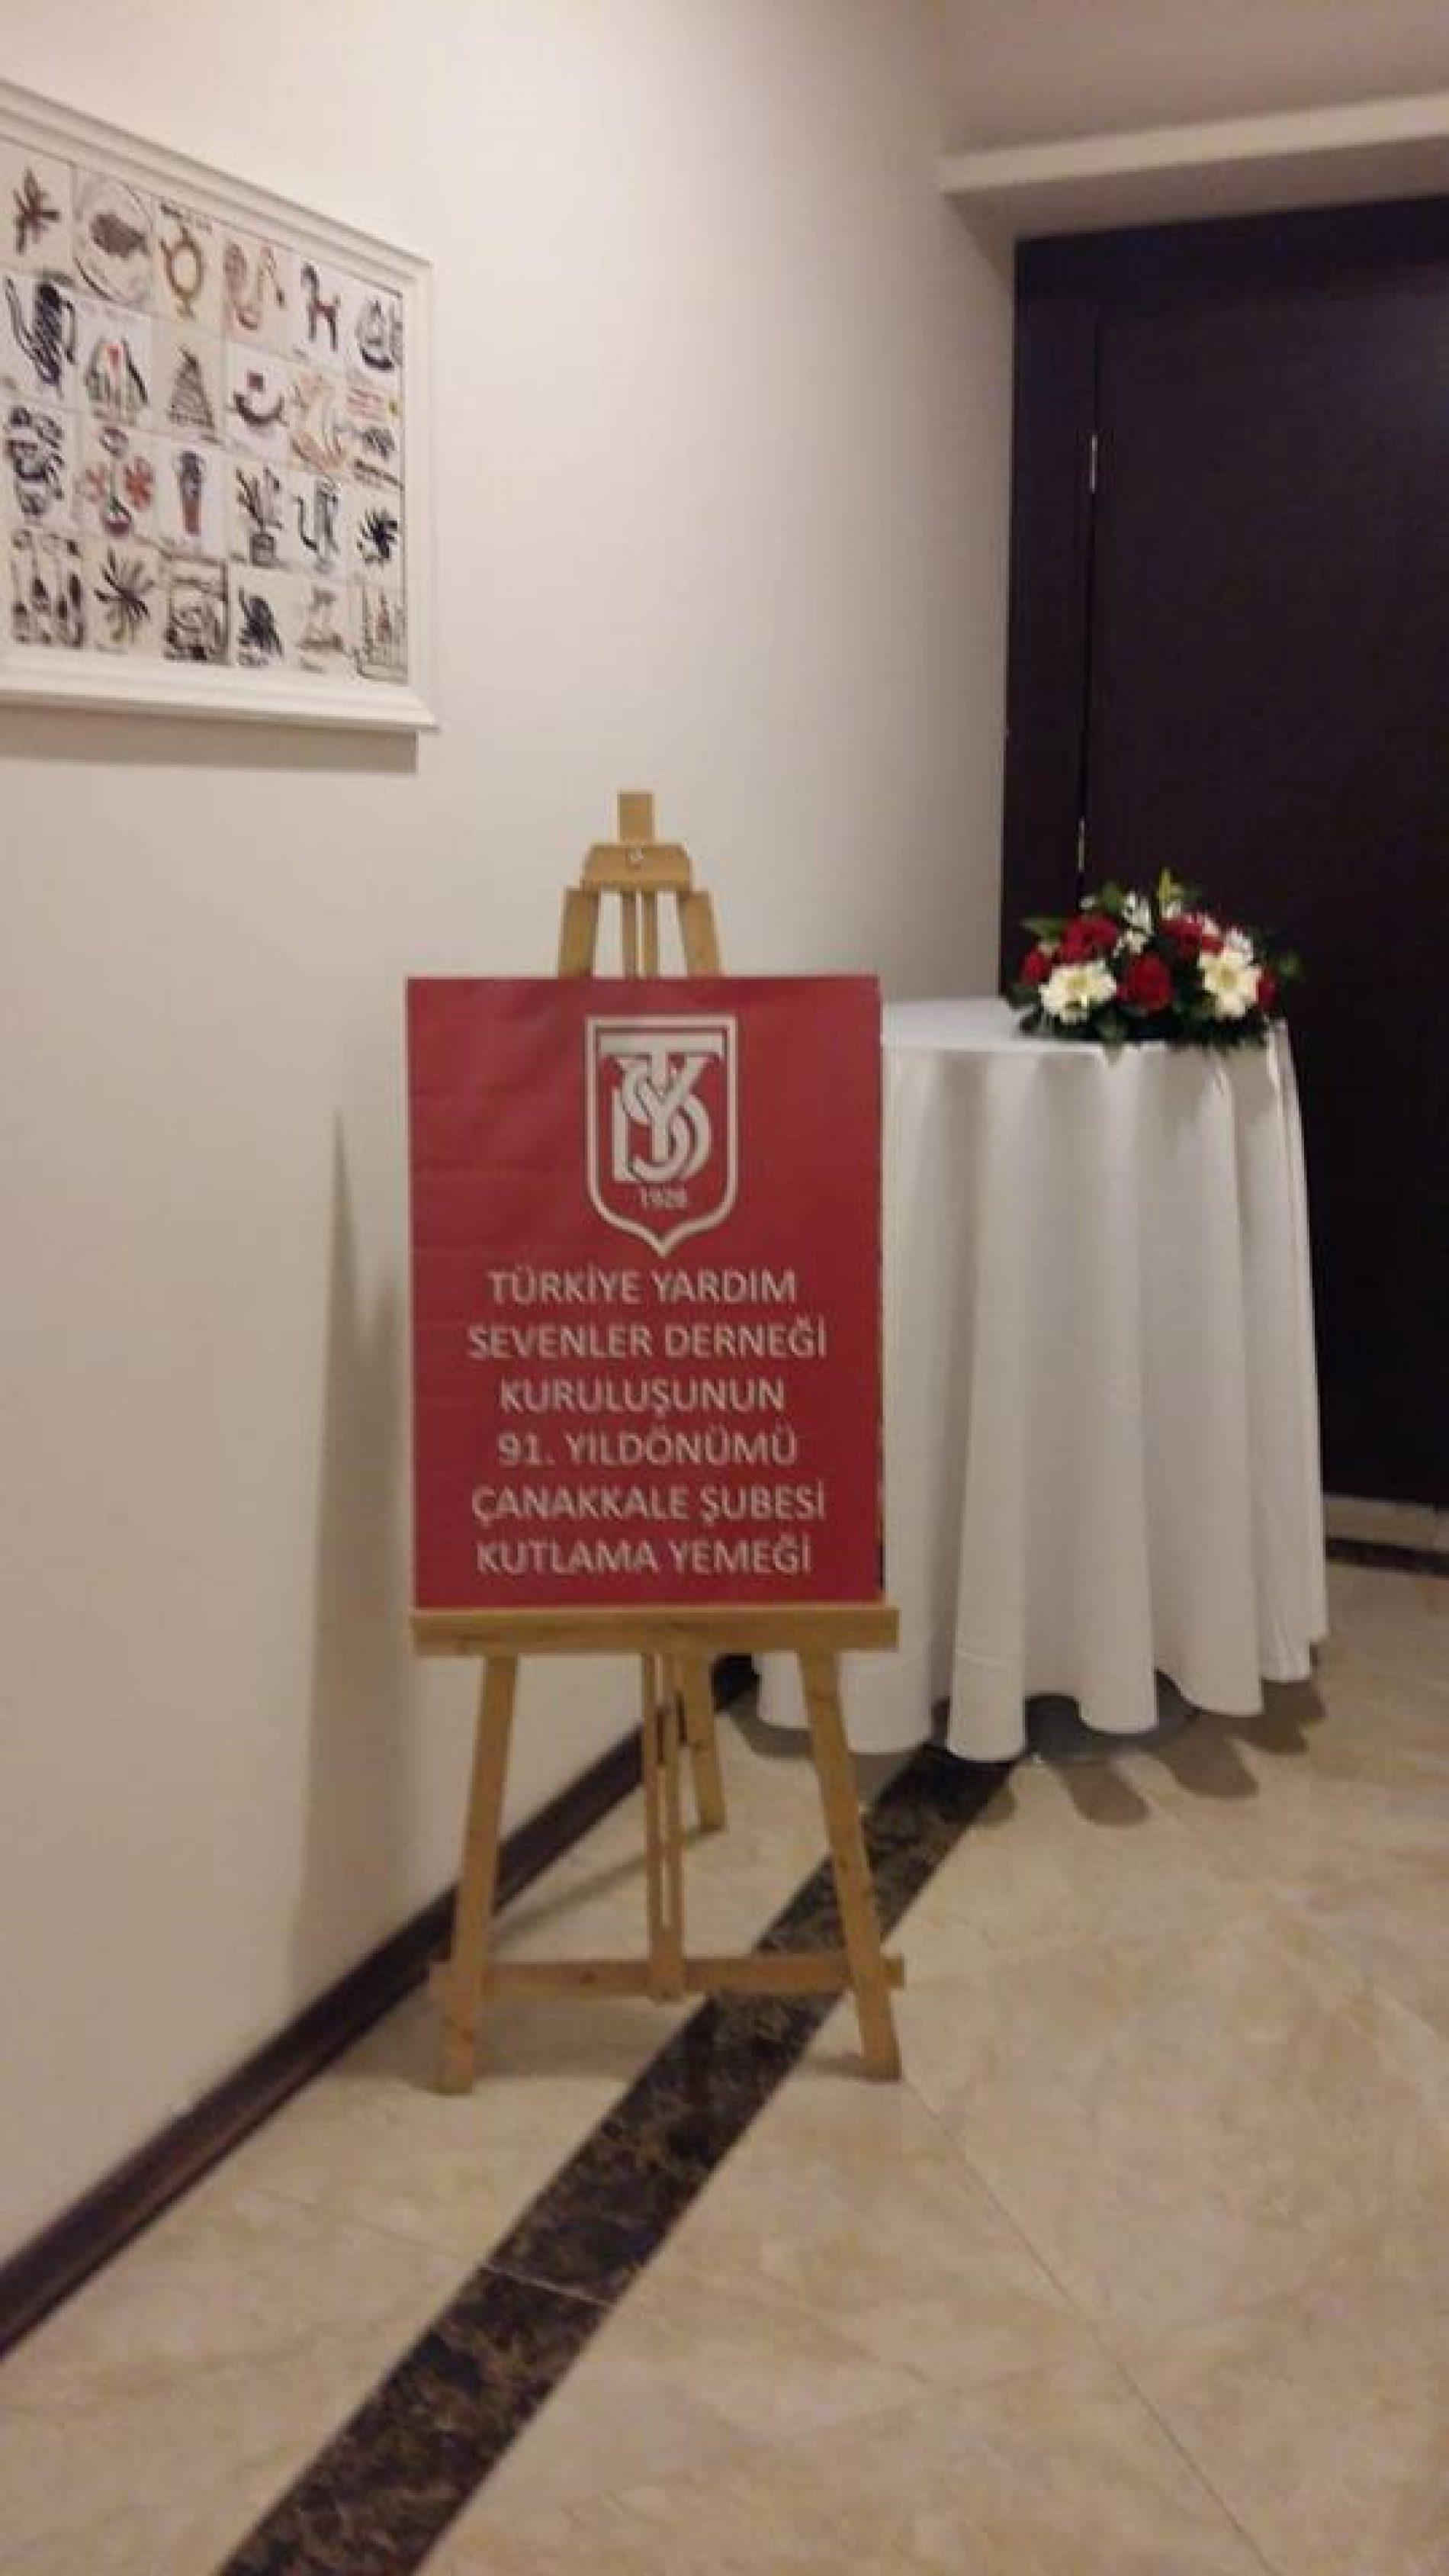 TYSD Çanakkale Şubesinin 91. Kuruluş Yılı Kutlaması